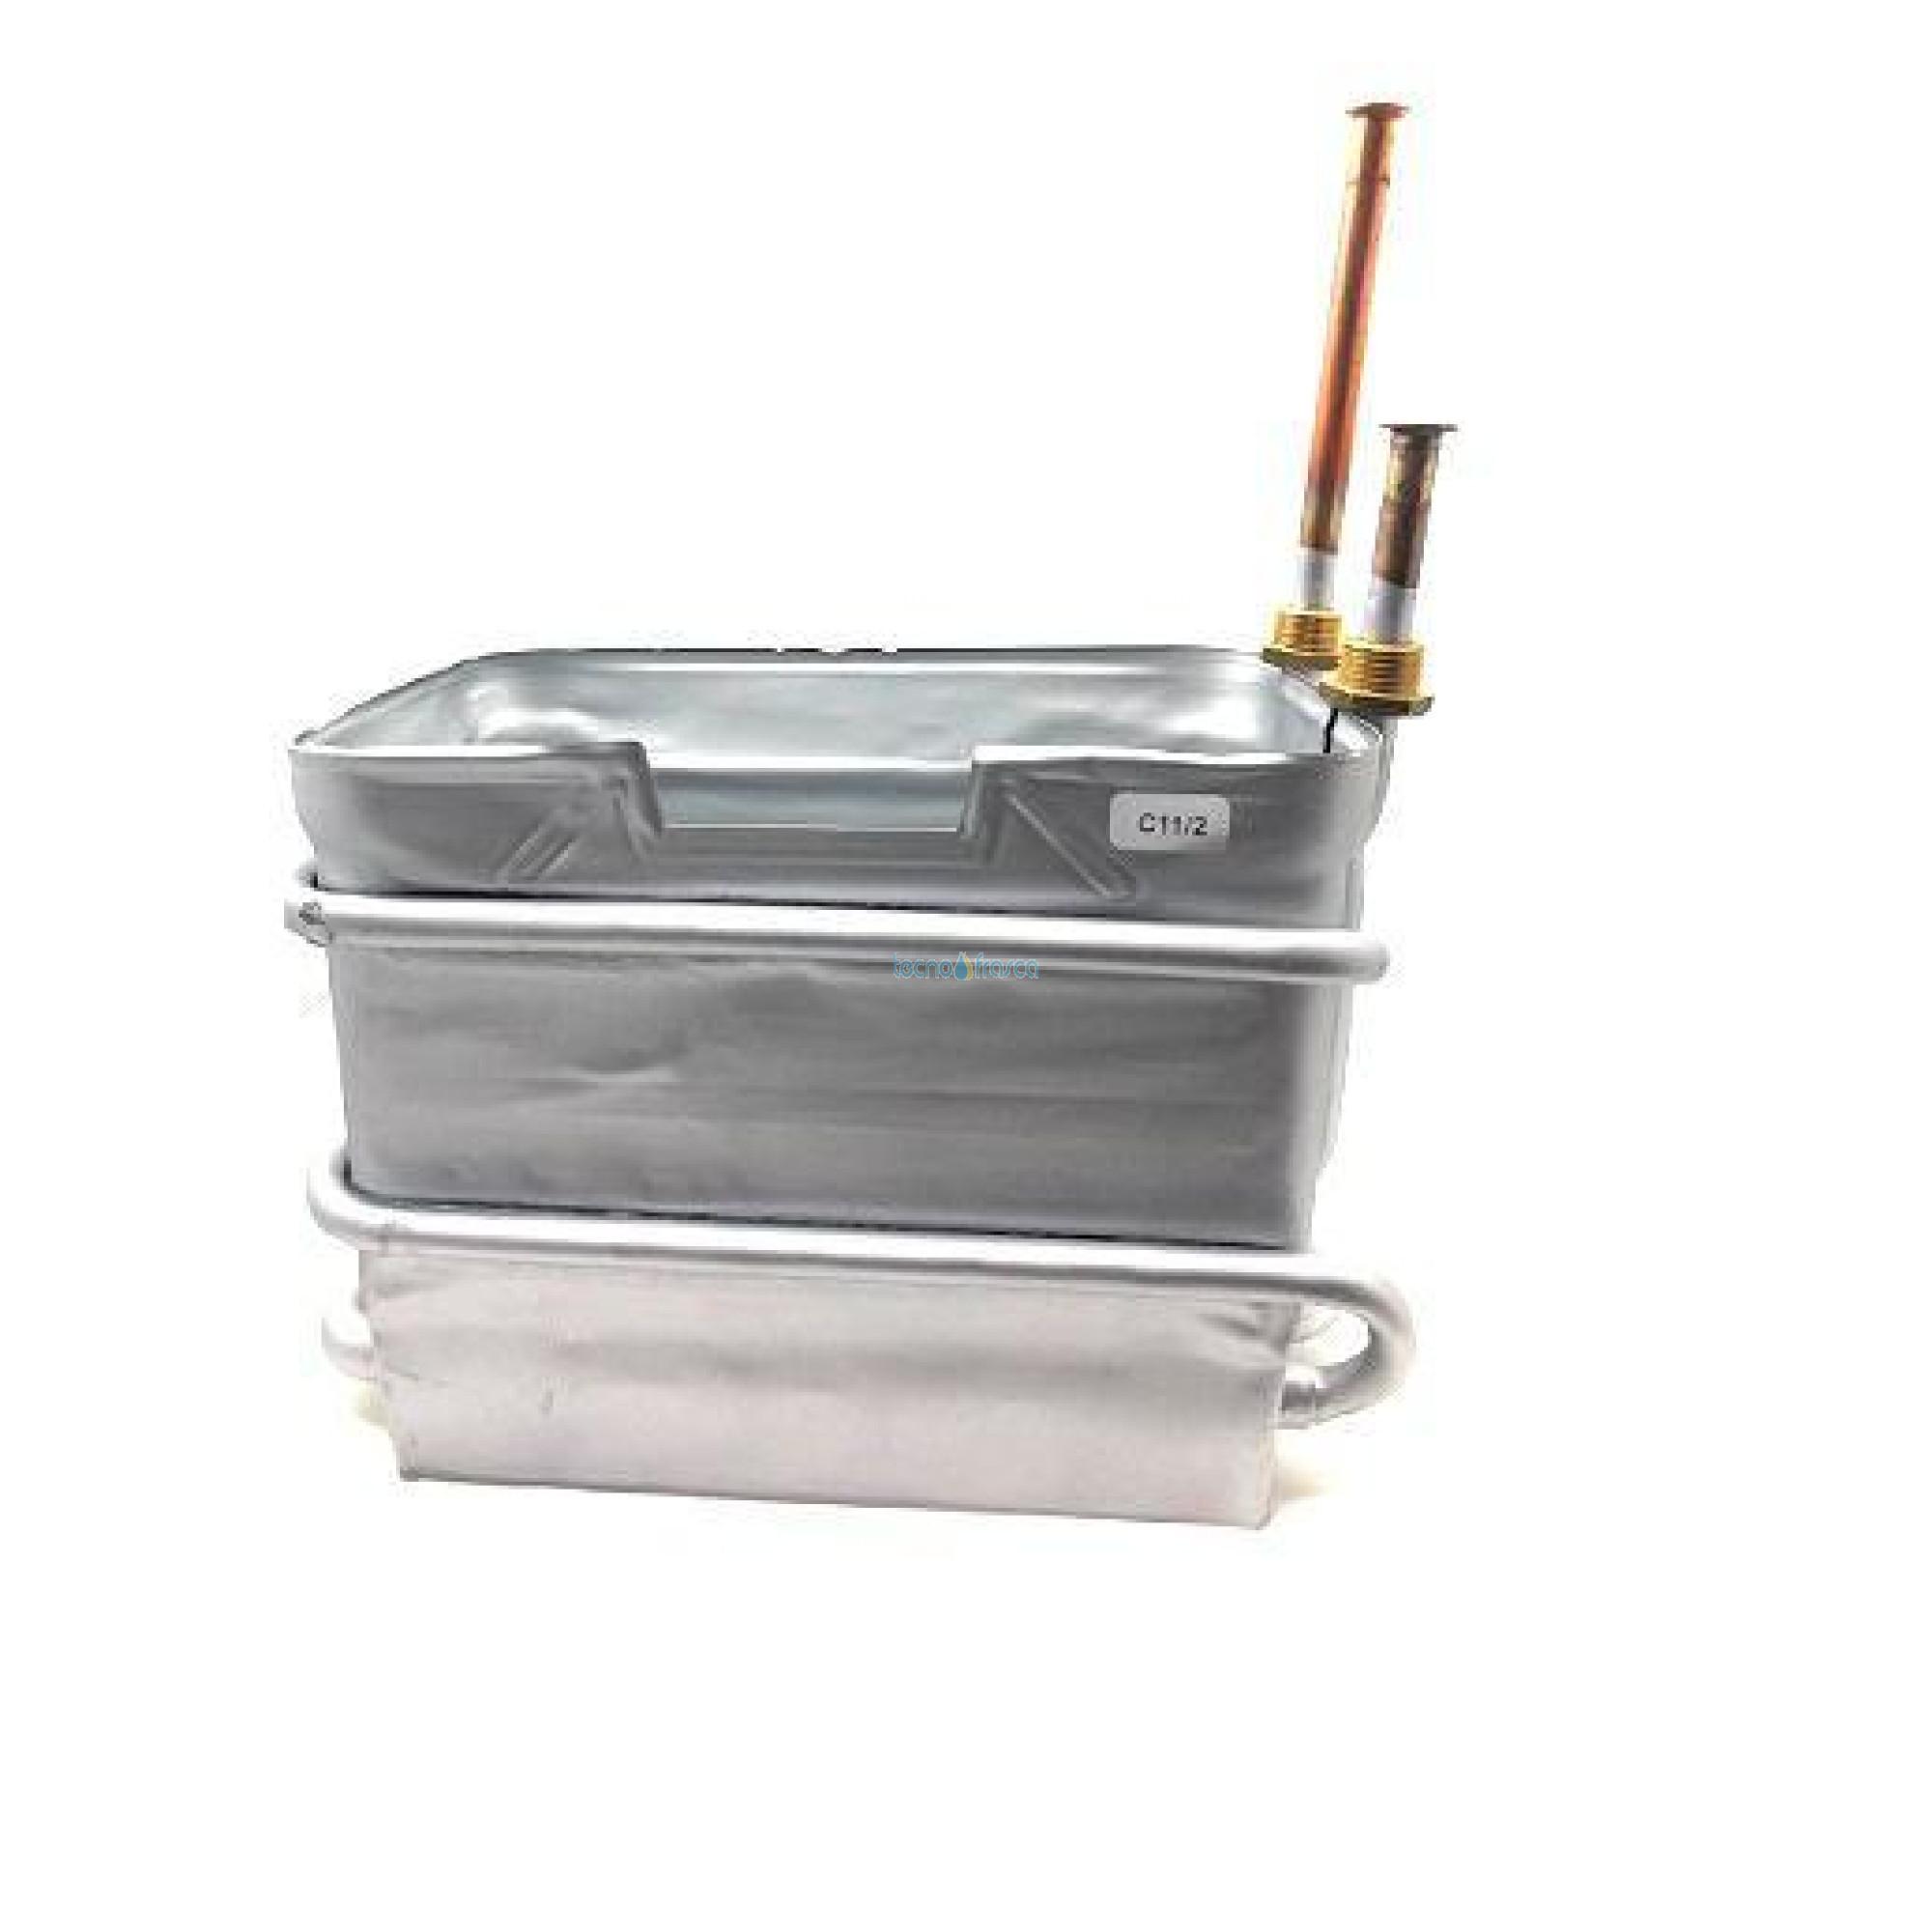 Scambiatore saunier duval c11/2